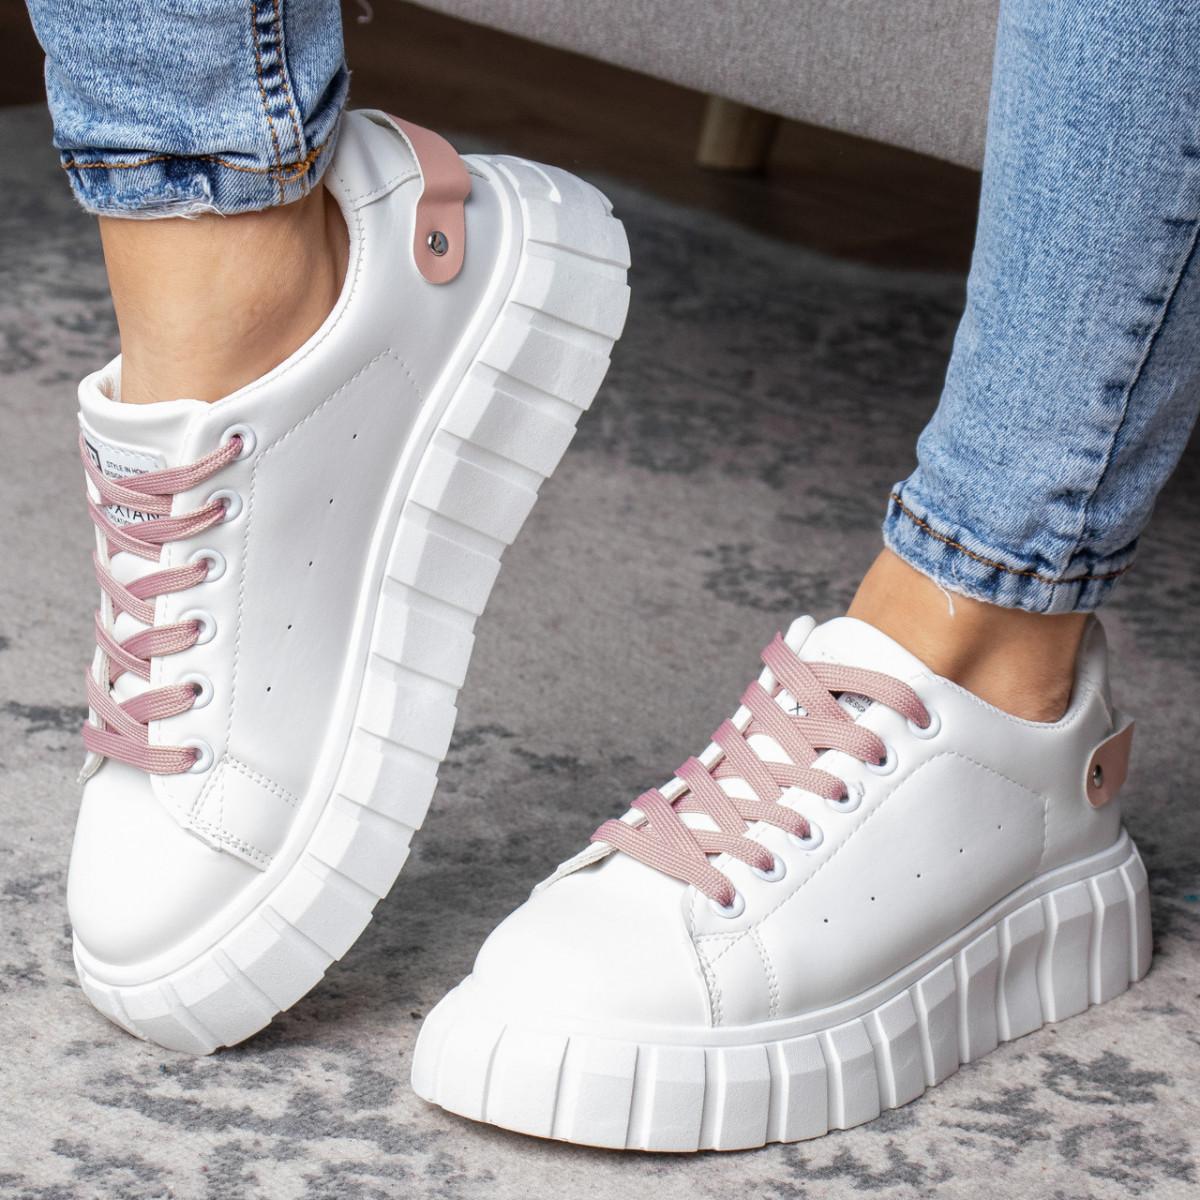 Кросівки жіночі Fashion Tsunami 3128 36 розмір, 23,5 см Білий